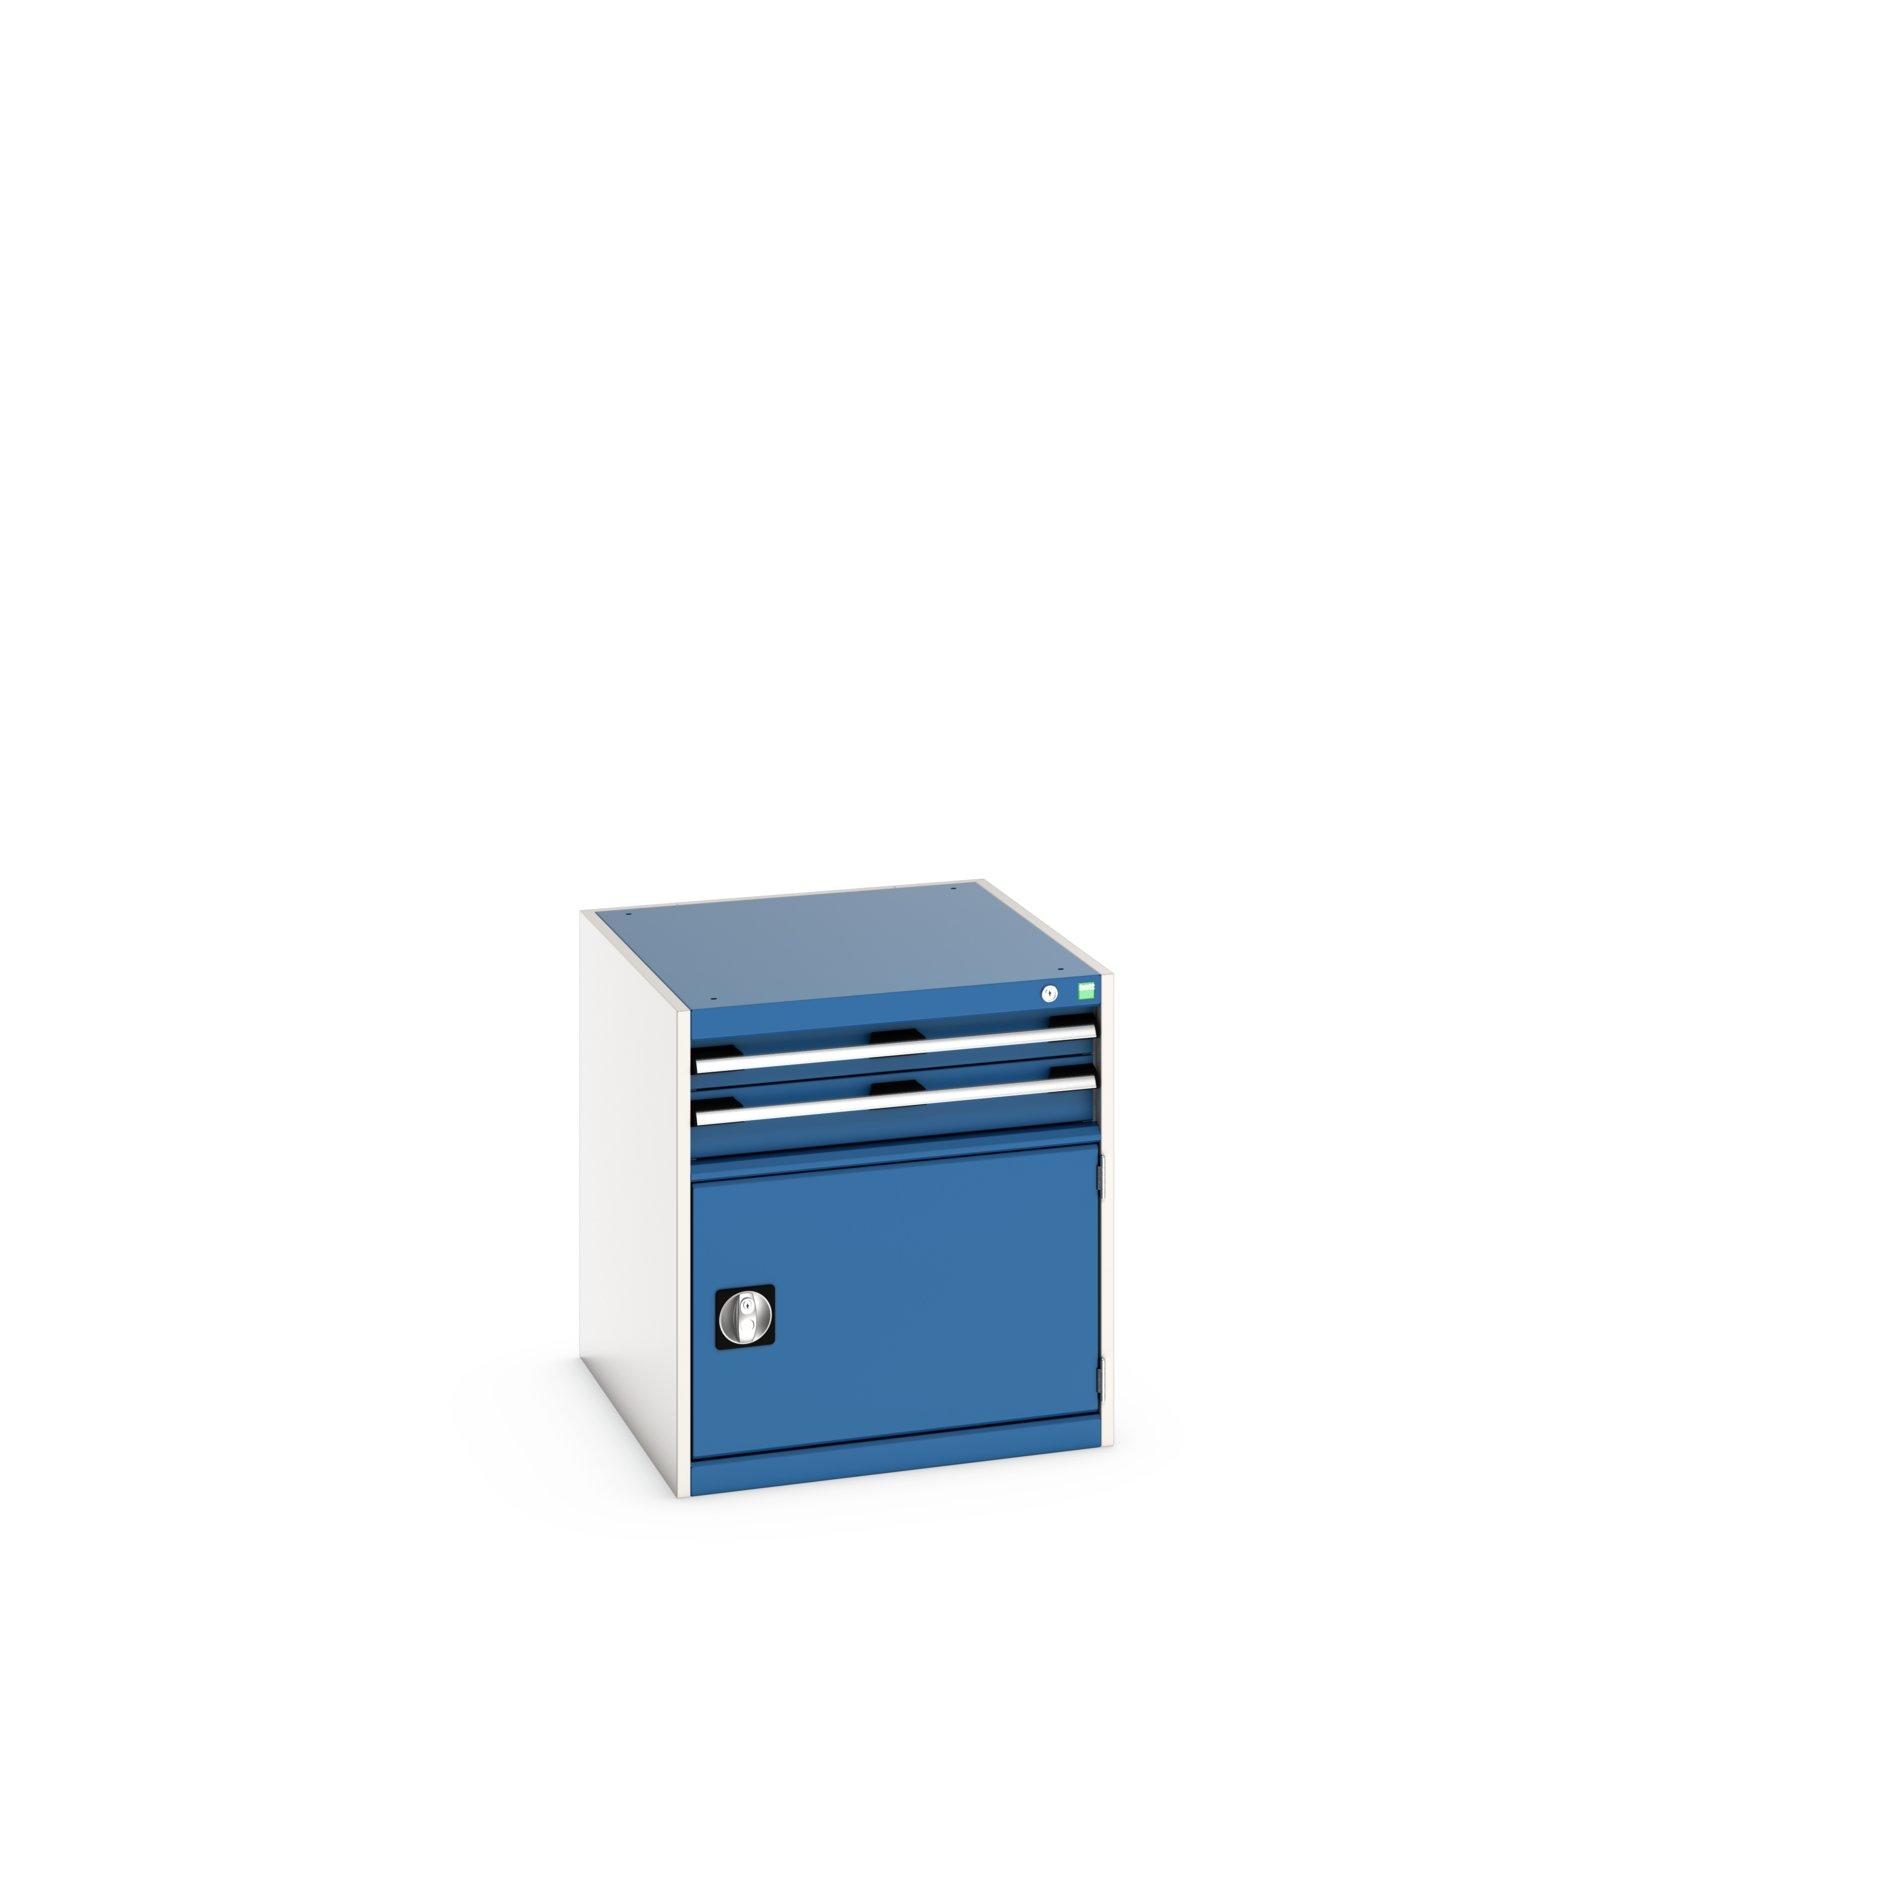 Bott Cubio Drawer-Door Cabinet With 2 Drawers / Cupboard